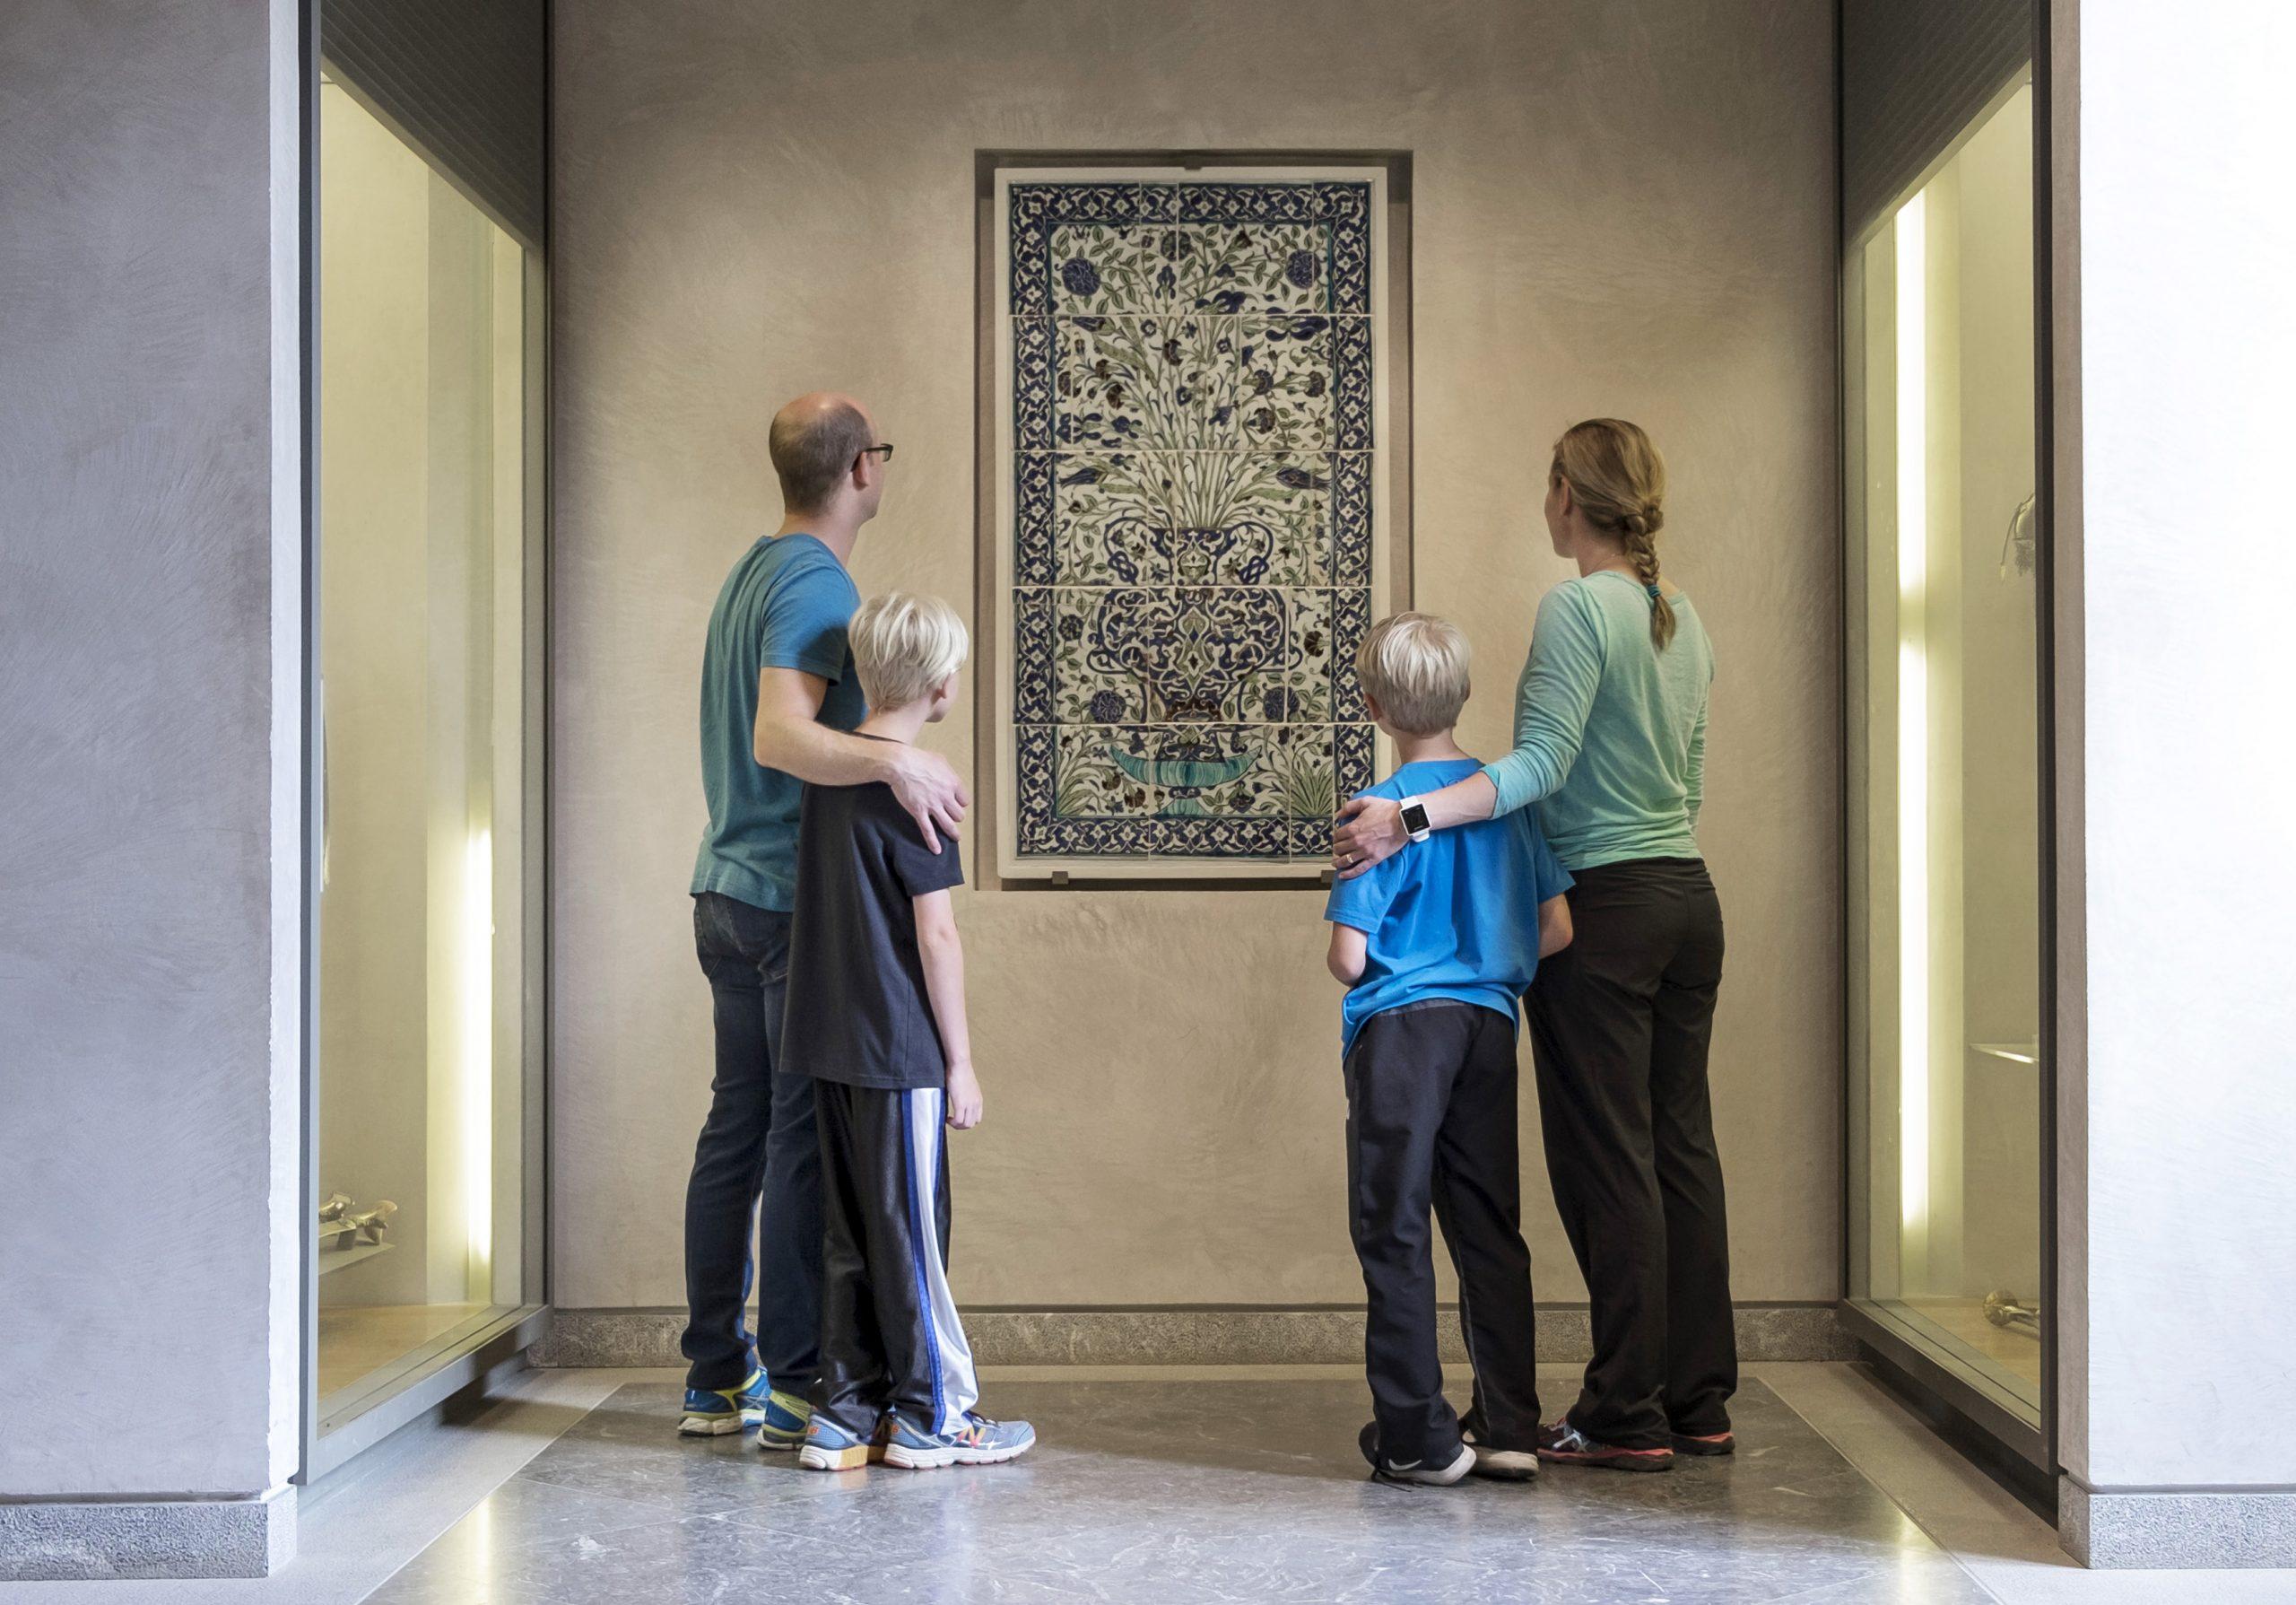 Exposition Musée des Beaux-Arts Lyon